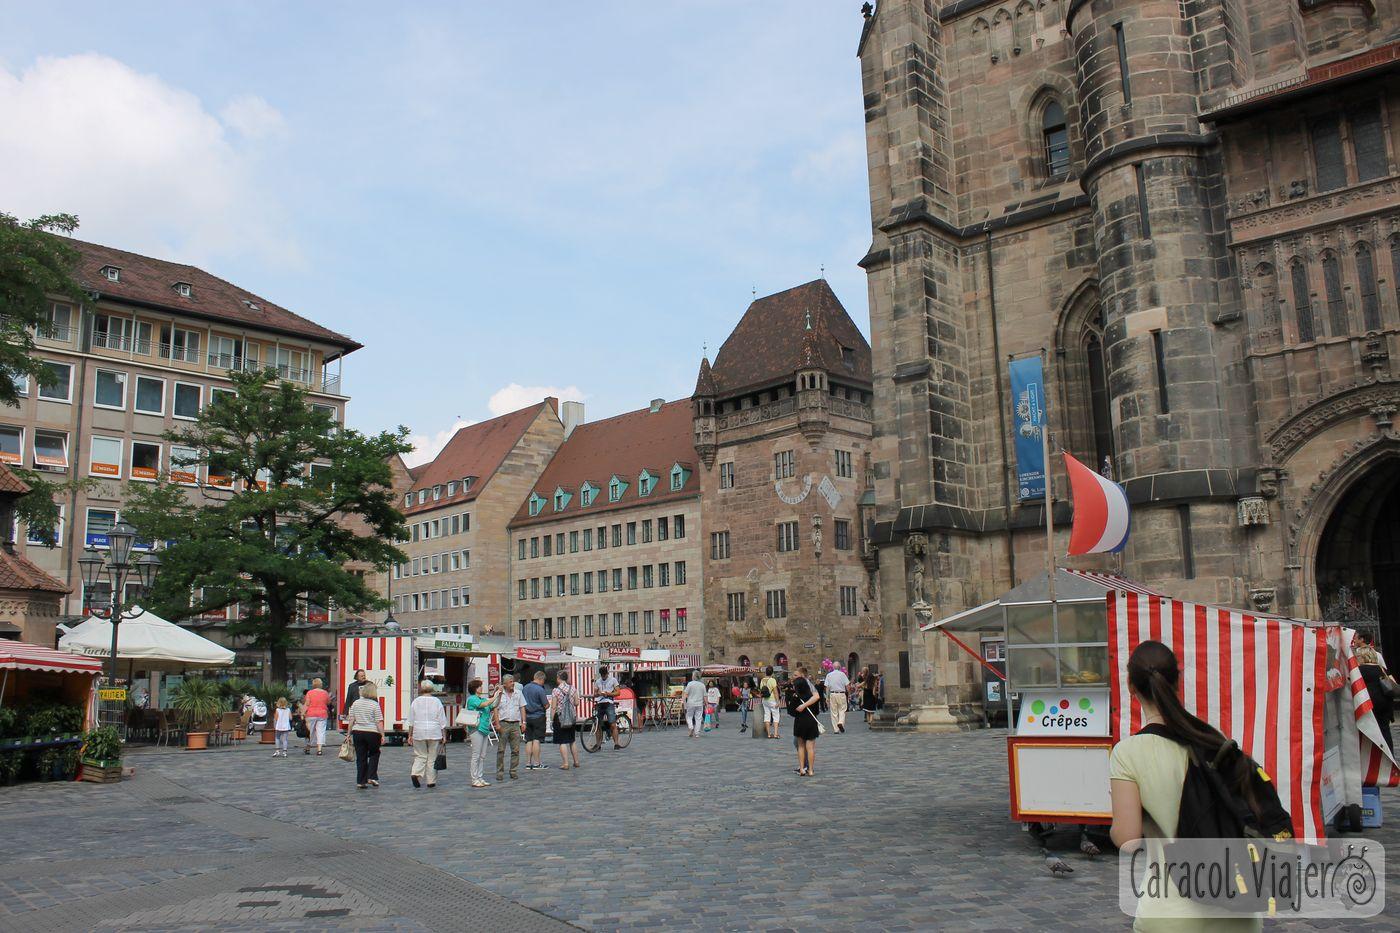 Plaza de catedral de San Lorenzo Núremberg